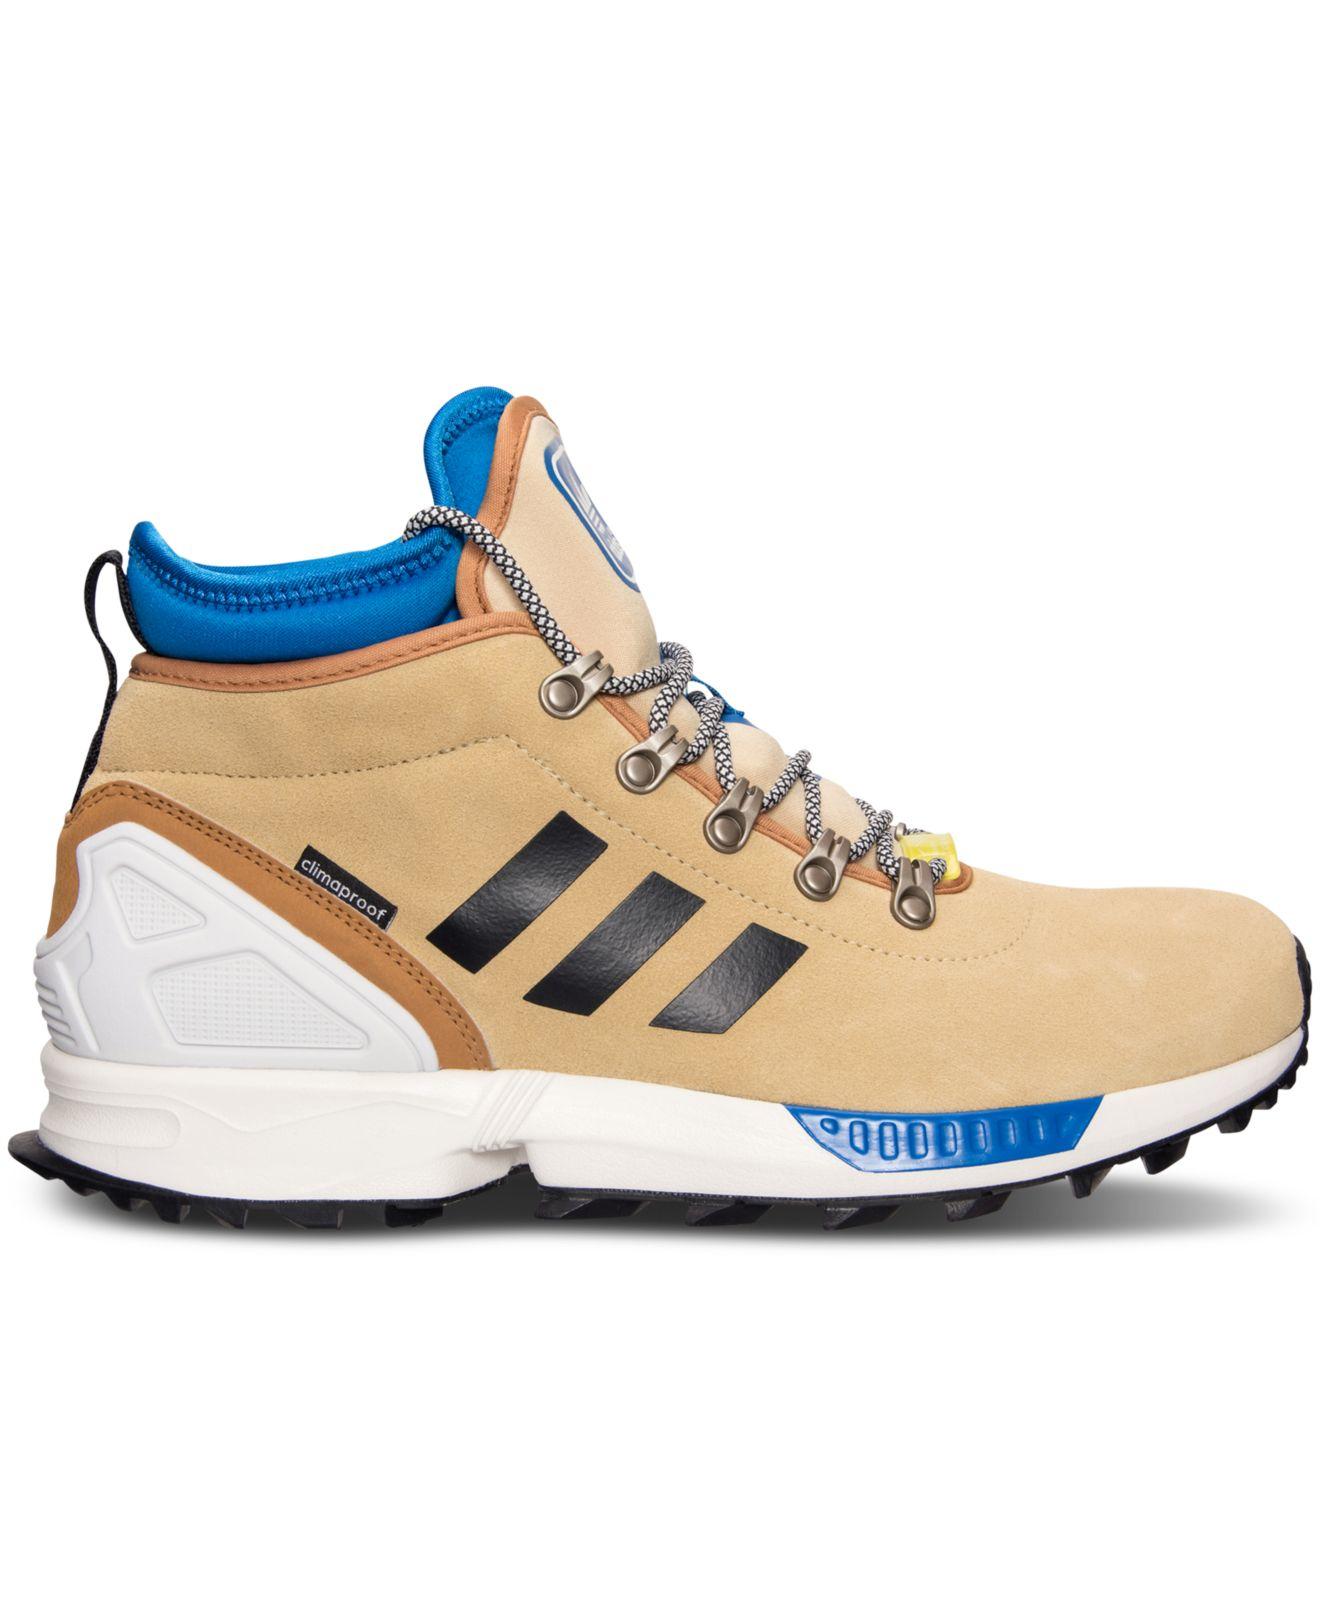 9fa4d96c5 Lyst - adidas Men s Originals Zx Flux Winter Sneakerboots From ...